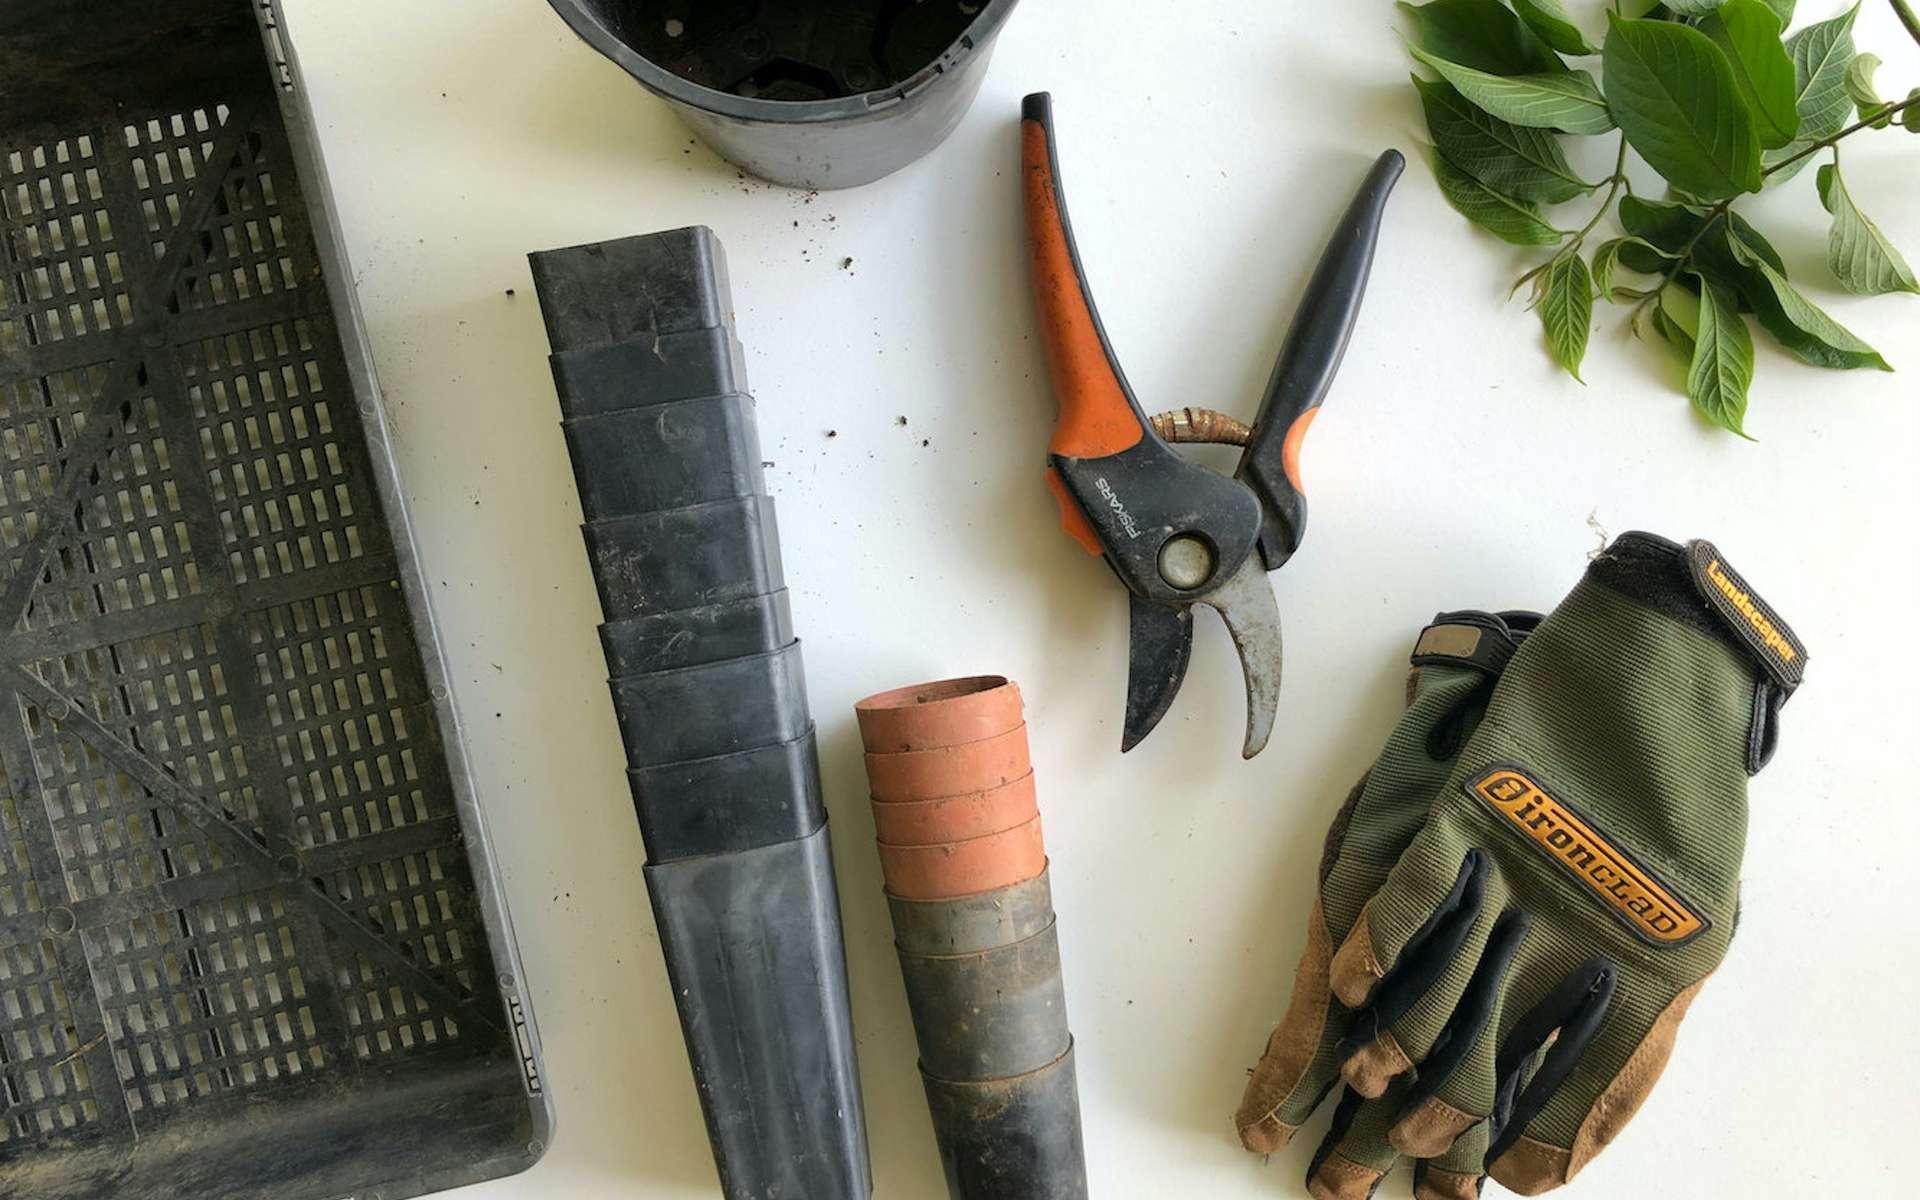 Les bons plans pour entretenir votre jardin à moindre coût © Eco Warrior Princess, Unsplash